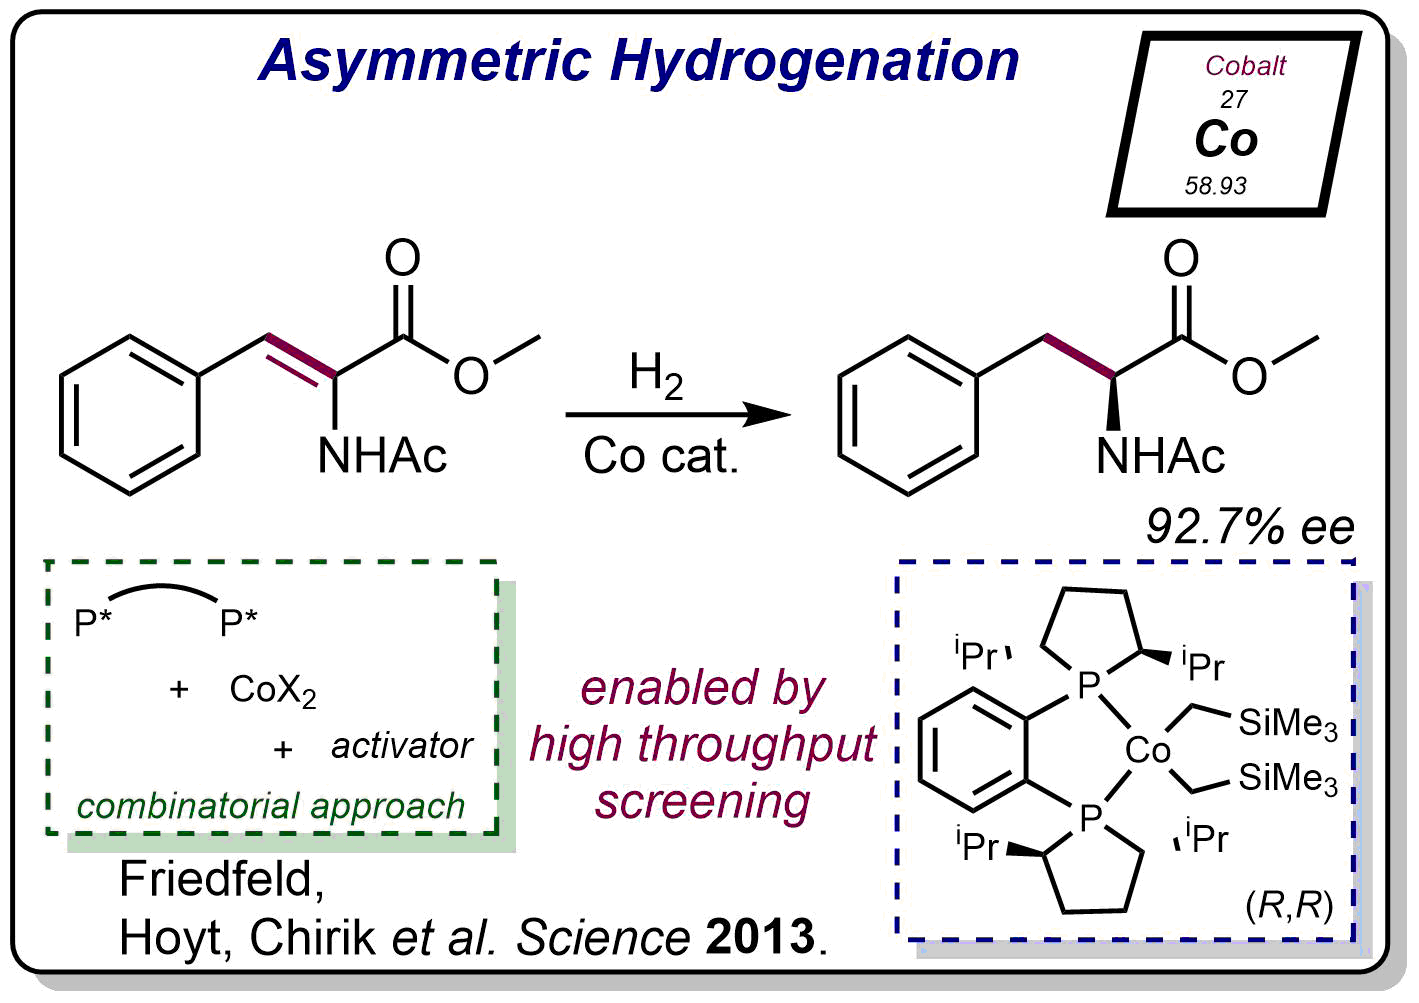 Co_asymmetrichydrog_Max